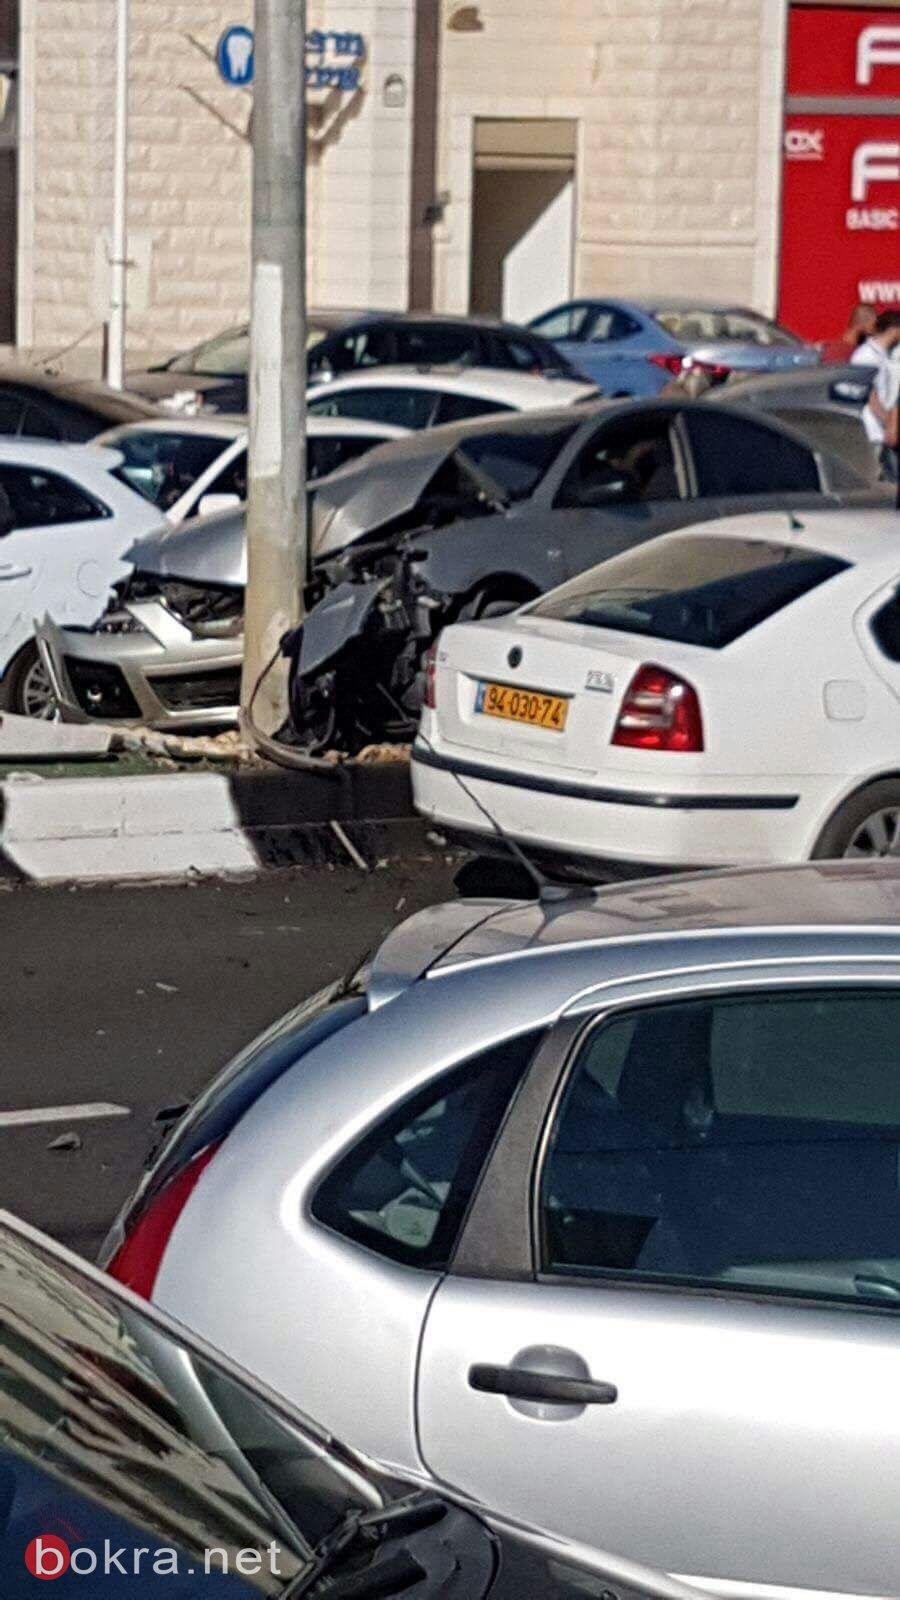 سخنين: اصابة متوسطة لشاب (29 عاما) نتيجة لحادث طرق ذاتي